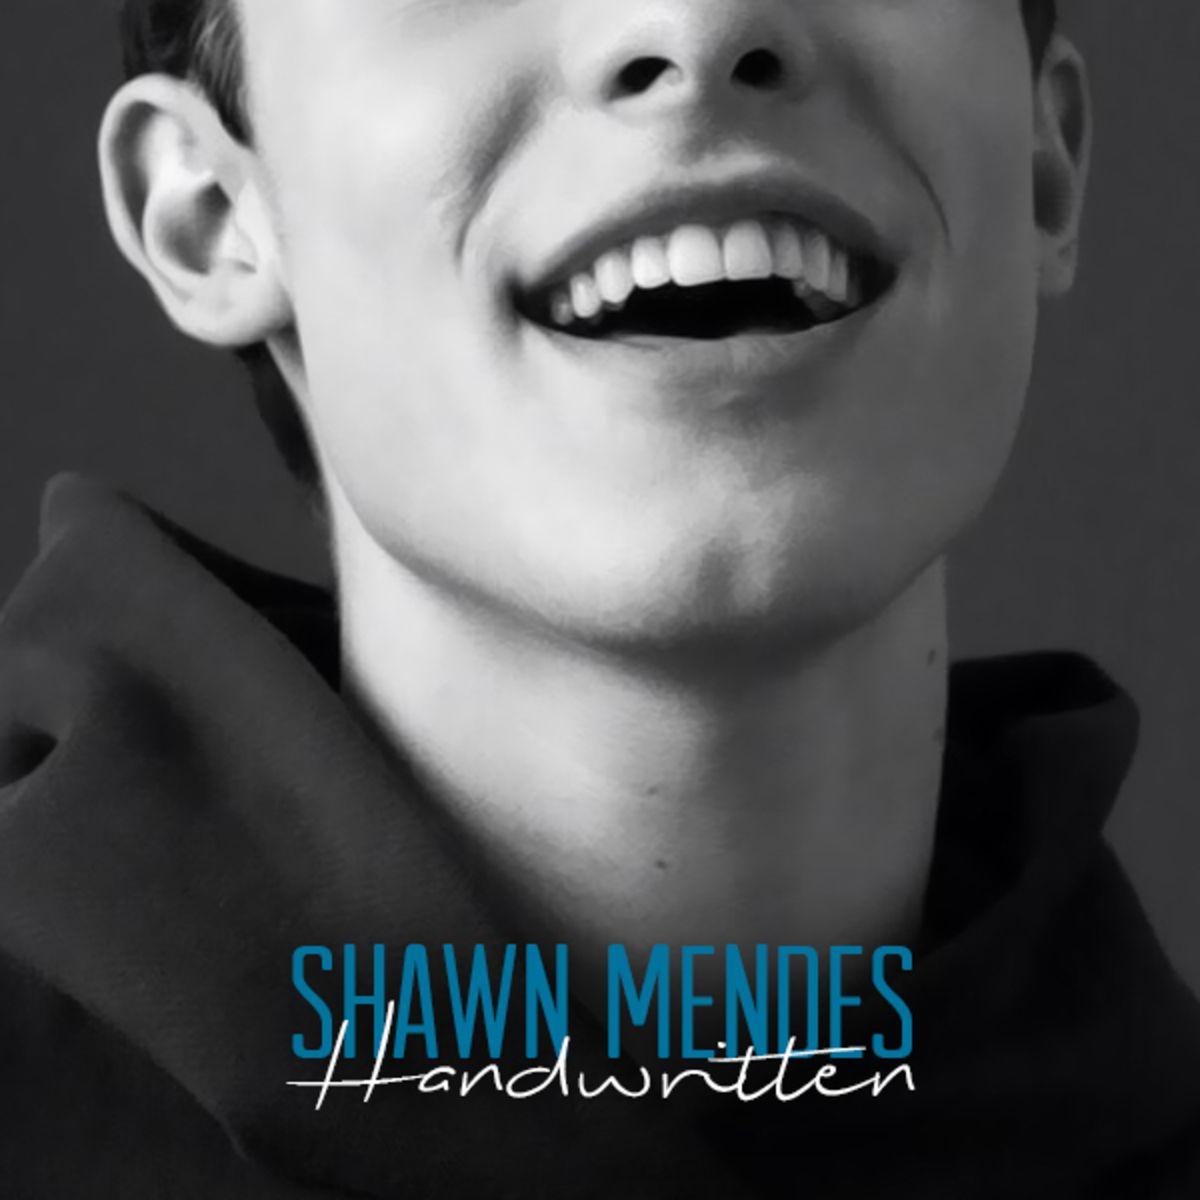 Handwritten | Shawn Mendes